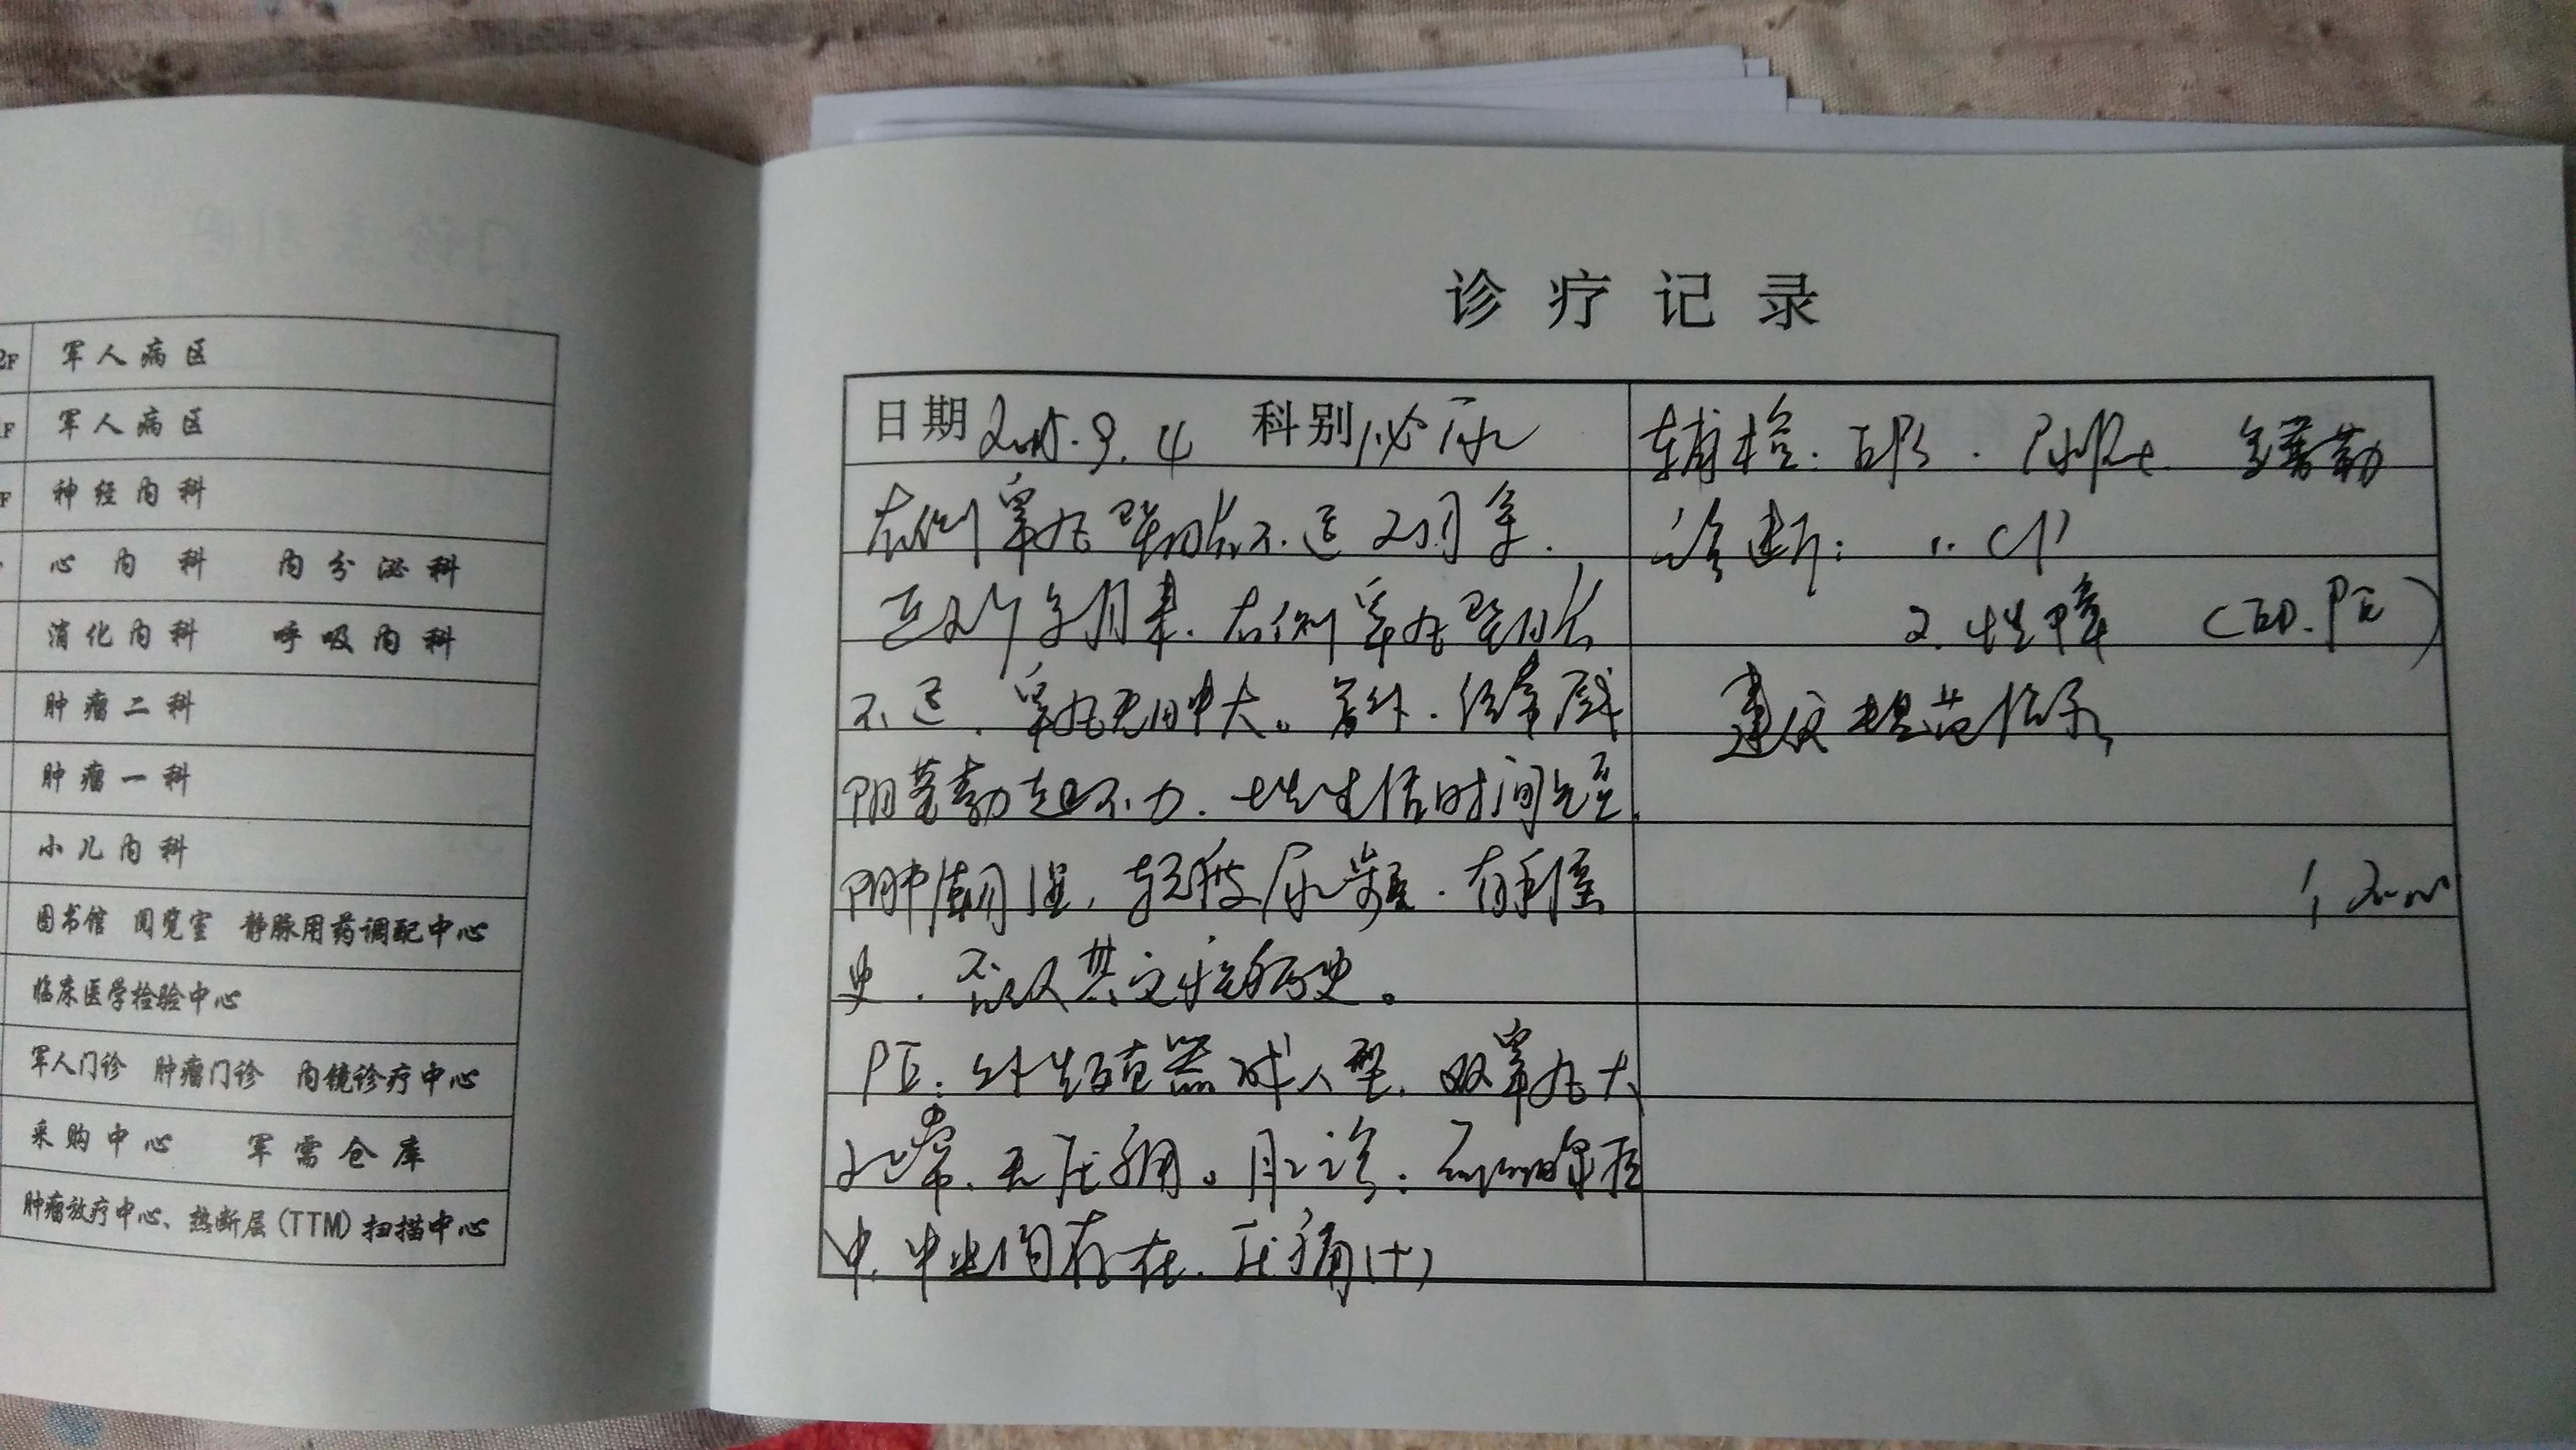 济南武警总队诊疗记录-男性健康网